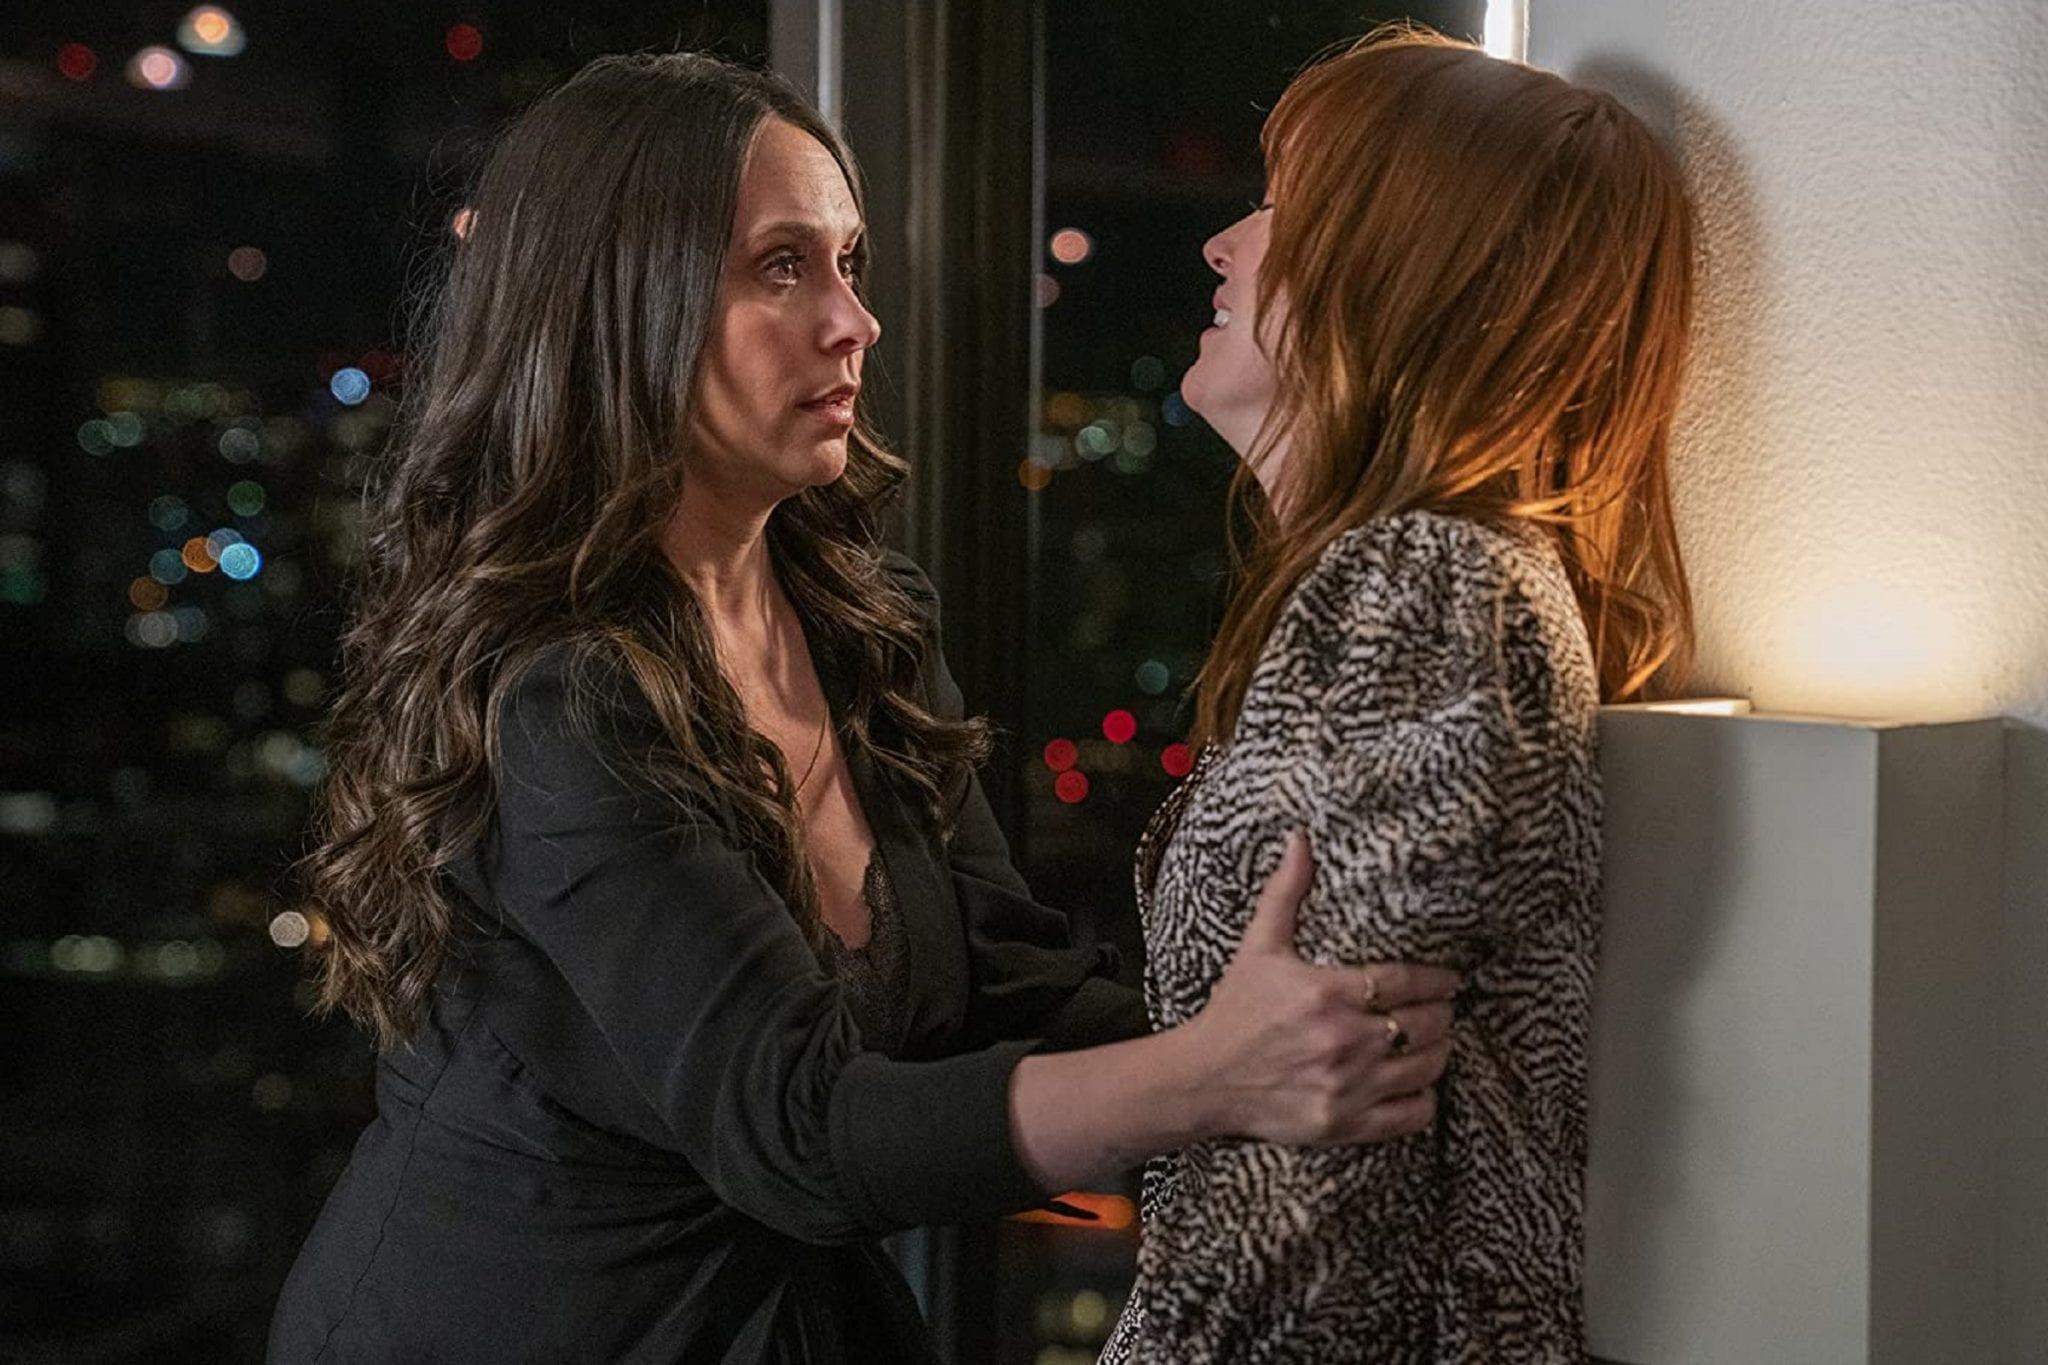 SerieTivu: 9-1-1 nono appuntamento. Con protagonista Angela Bassett nei panni di Athena Carter Nash, in prima visione tv su RaiDue